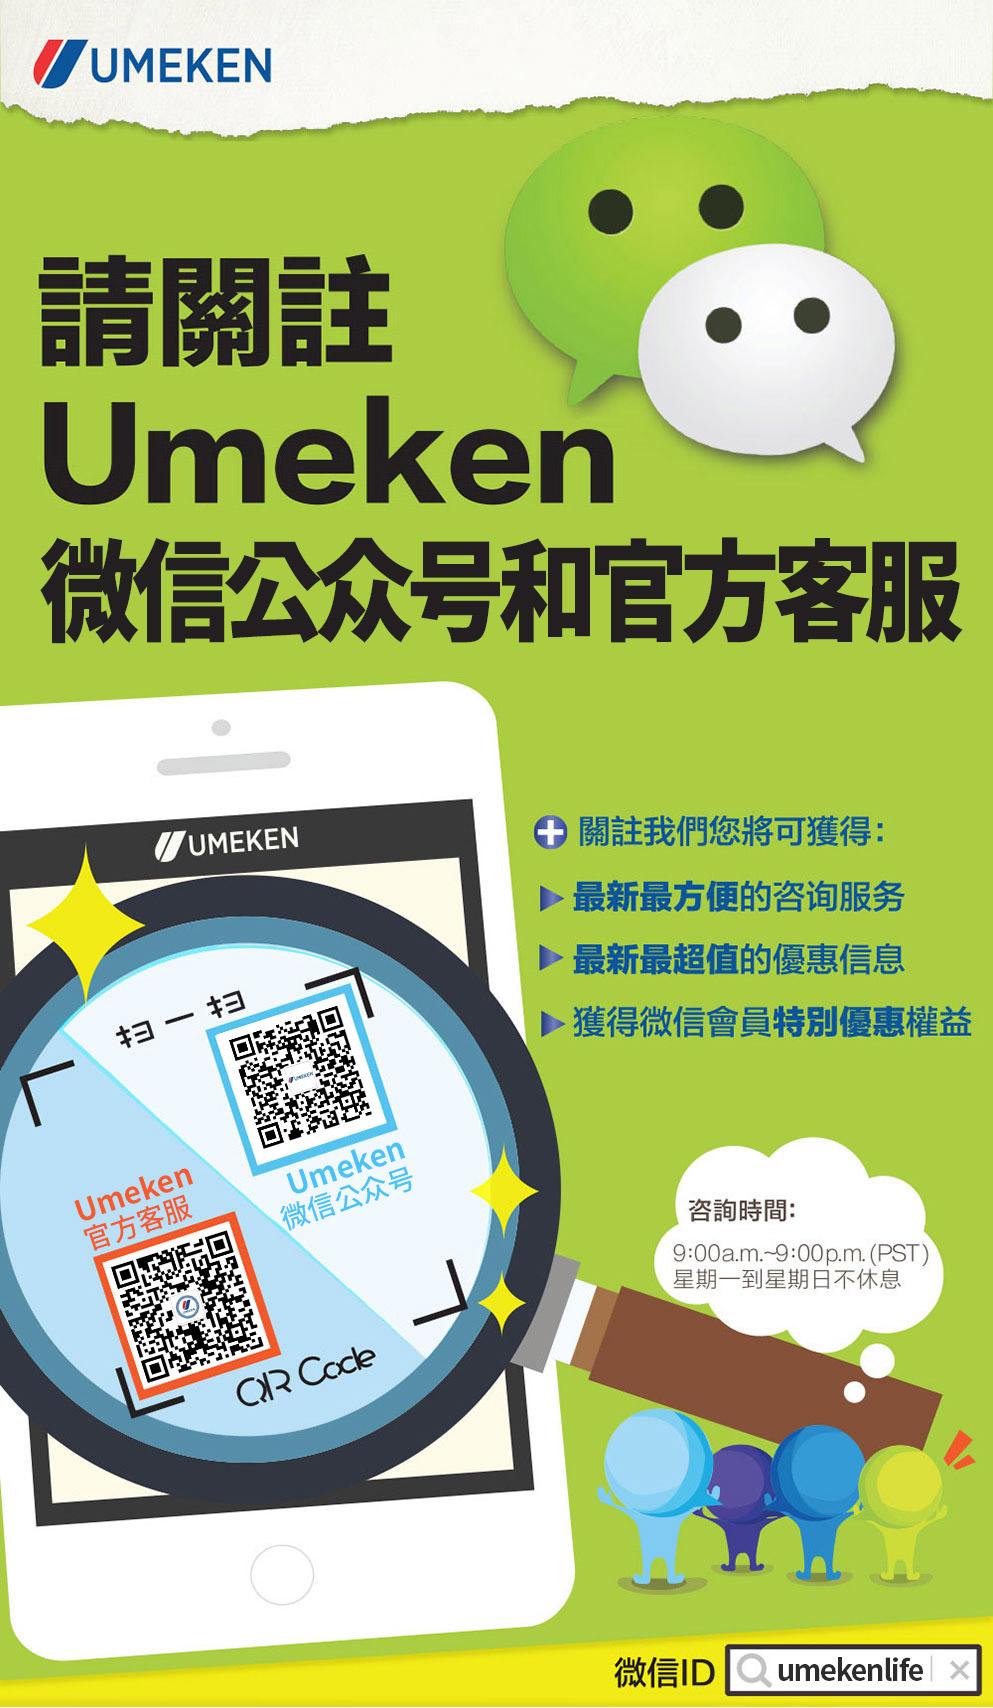 New Umeken Wechat Service Open!